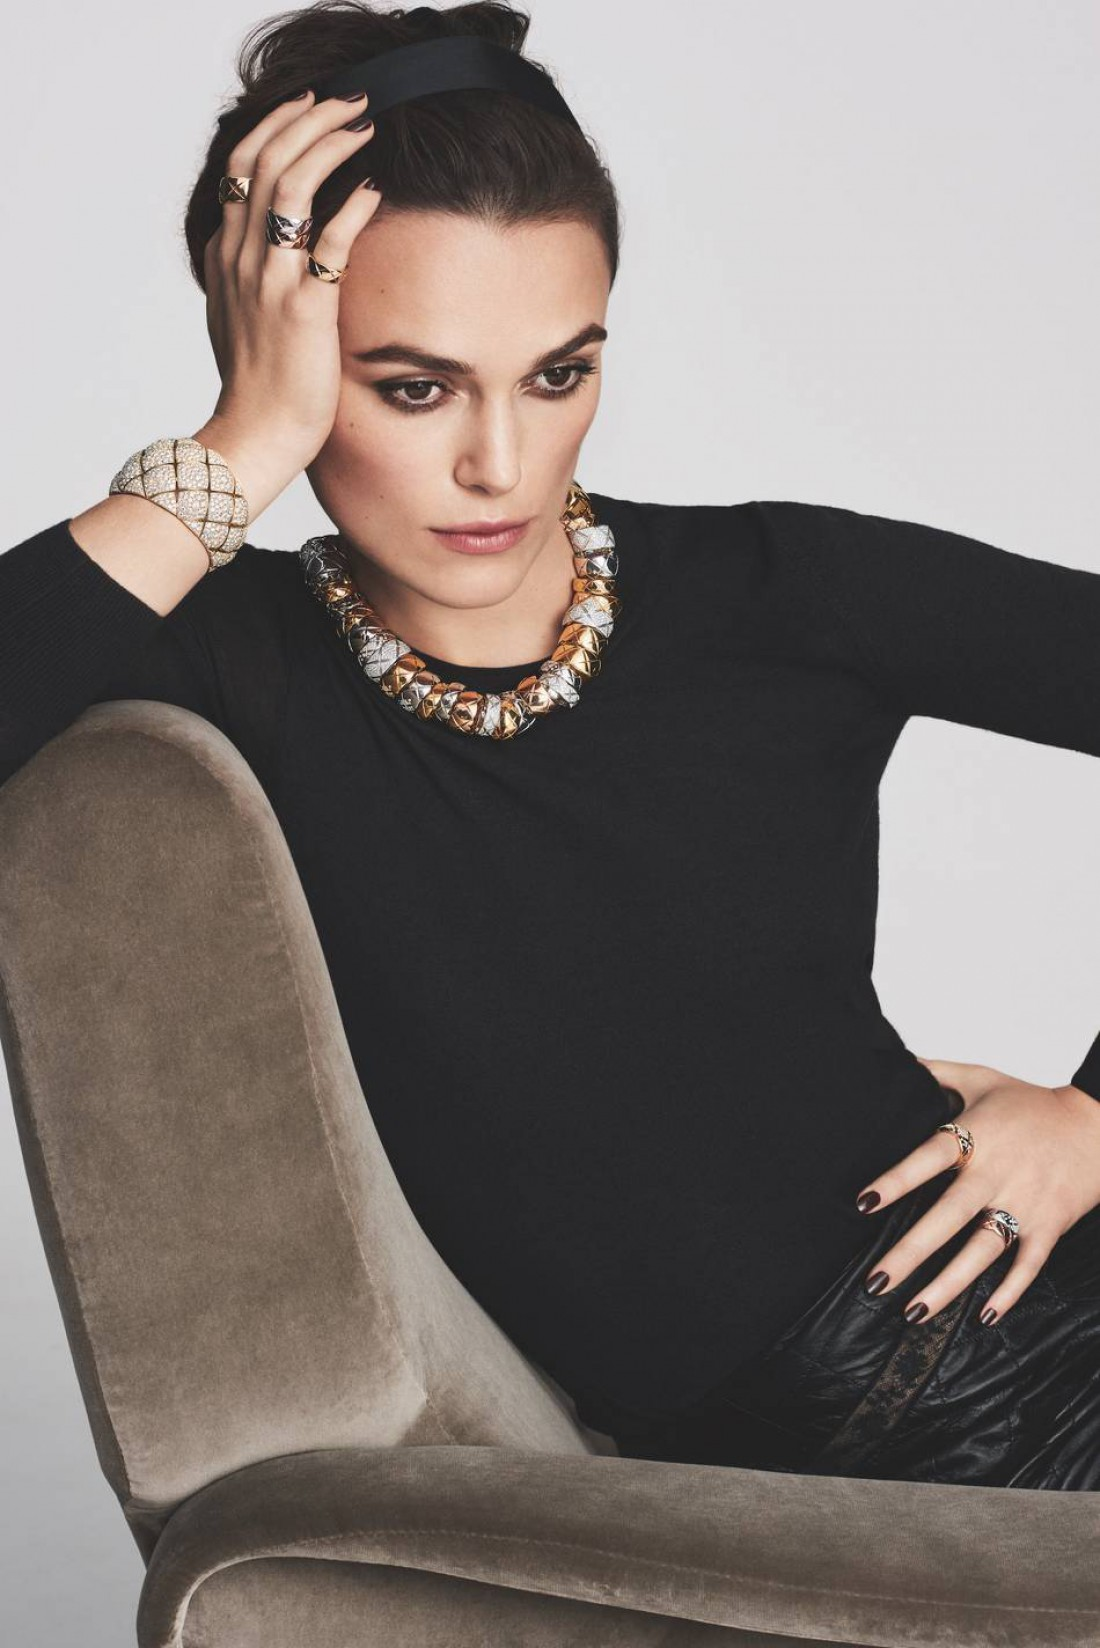 Кира Найтли украсила новый кампейн Chanel